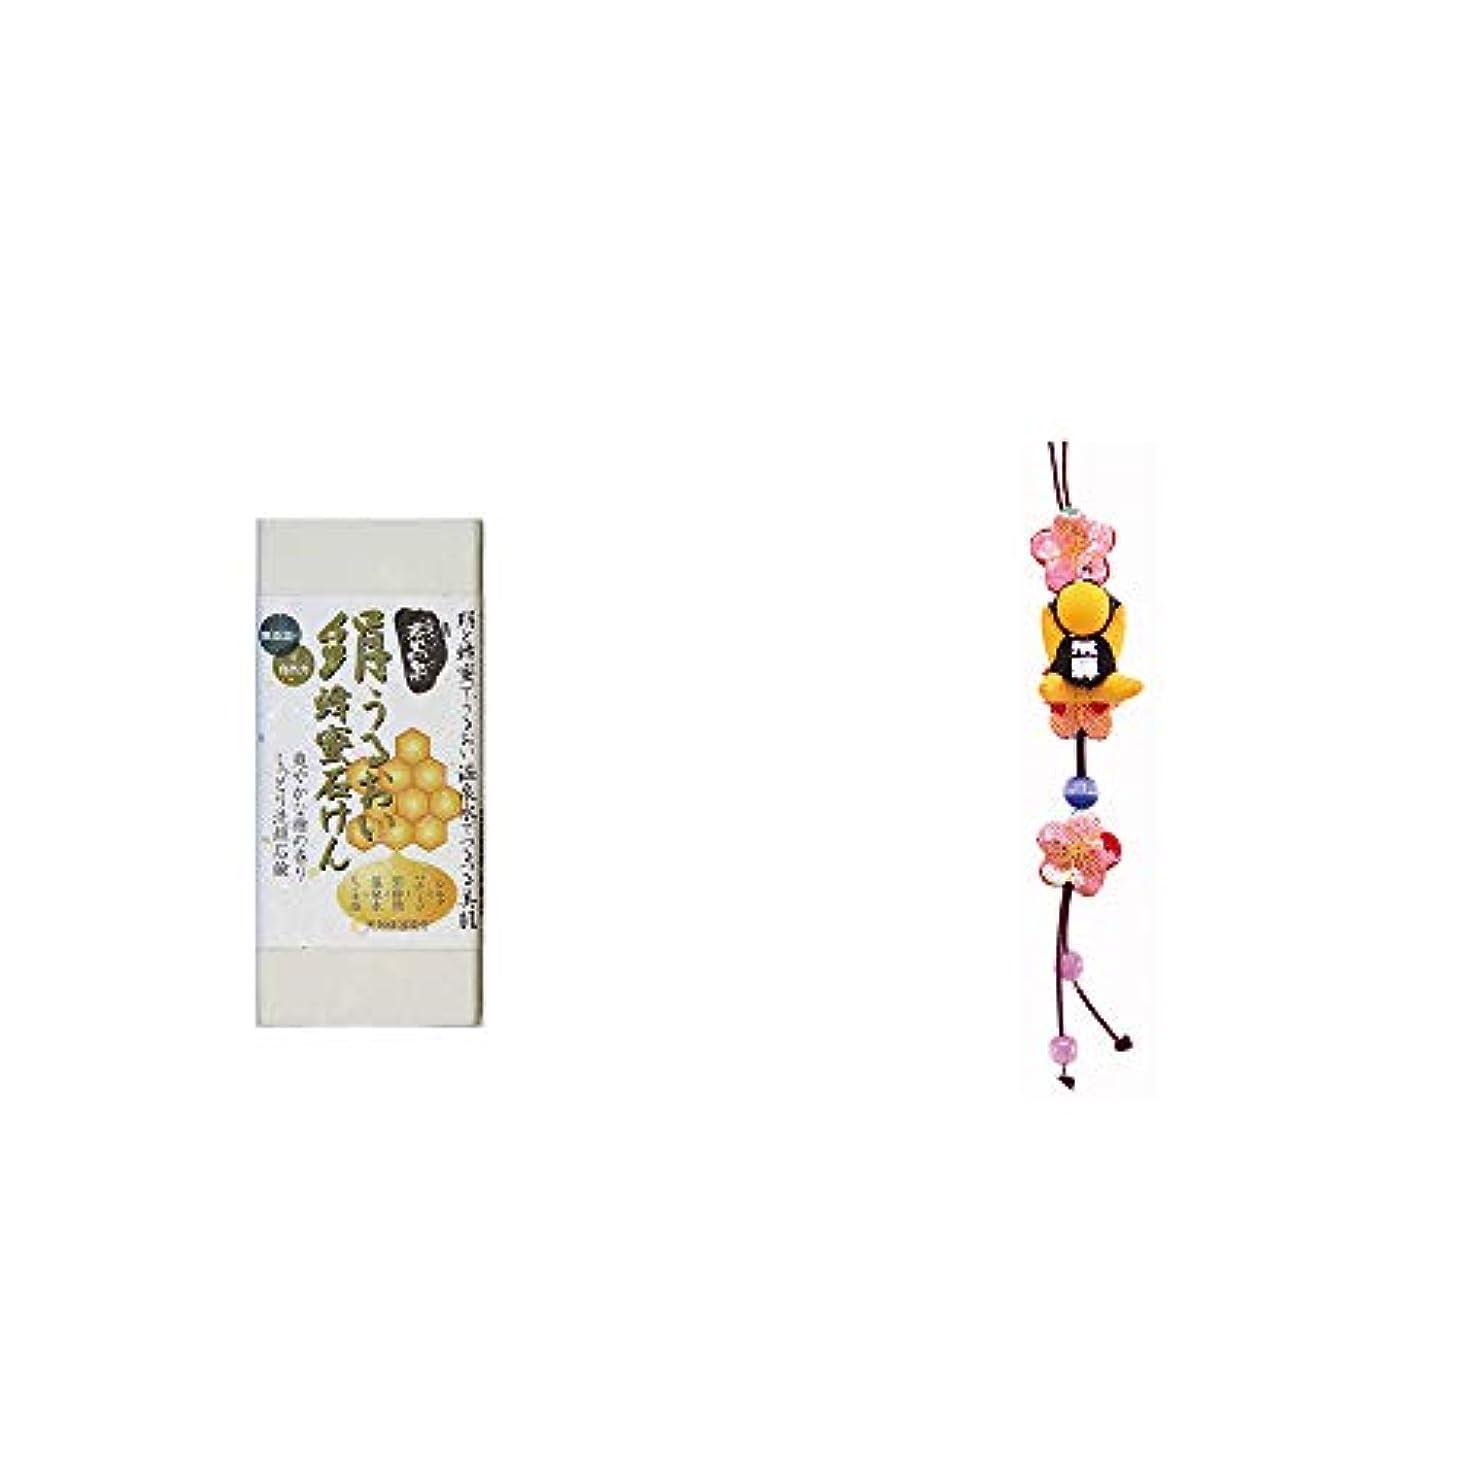 ヘアグリーンバック意味[2点セット] ひのき炭黒泉 絹うるおい蜂蜜石けん(75g×2)?豆さるぼぼ 和風ストラップ【黄】/ 縁結び?魔除け //